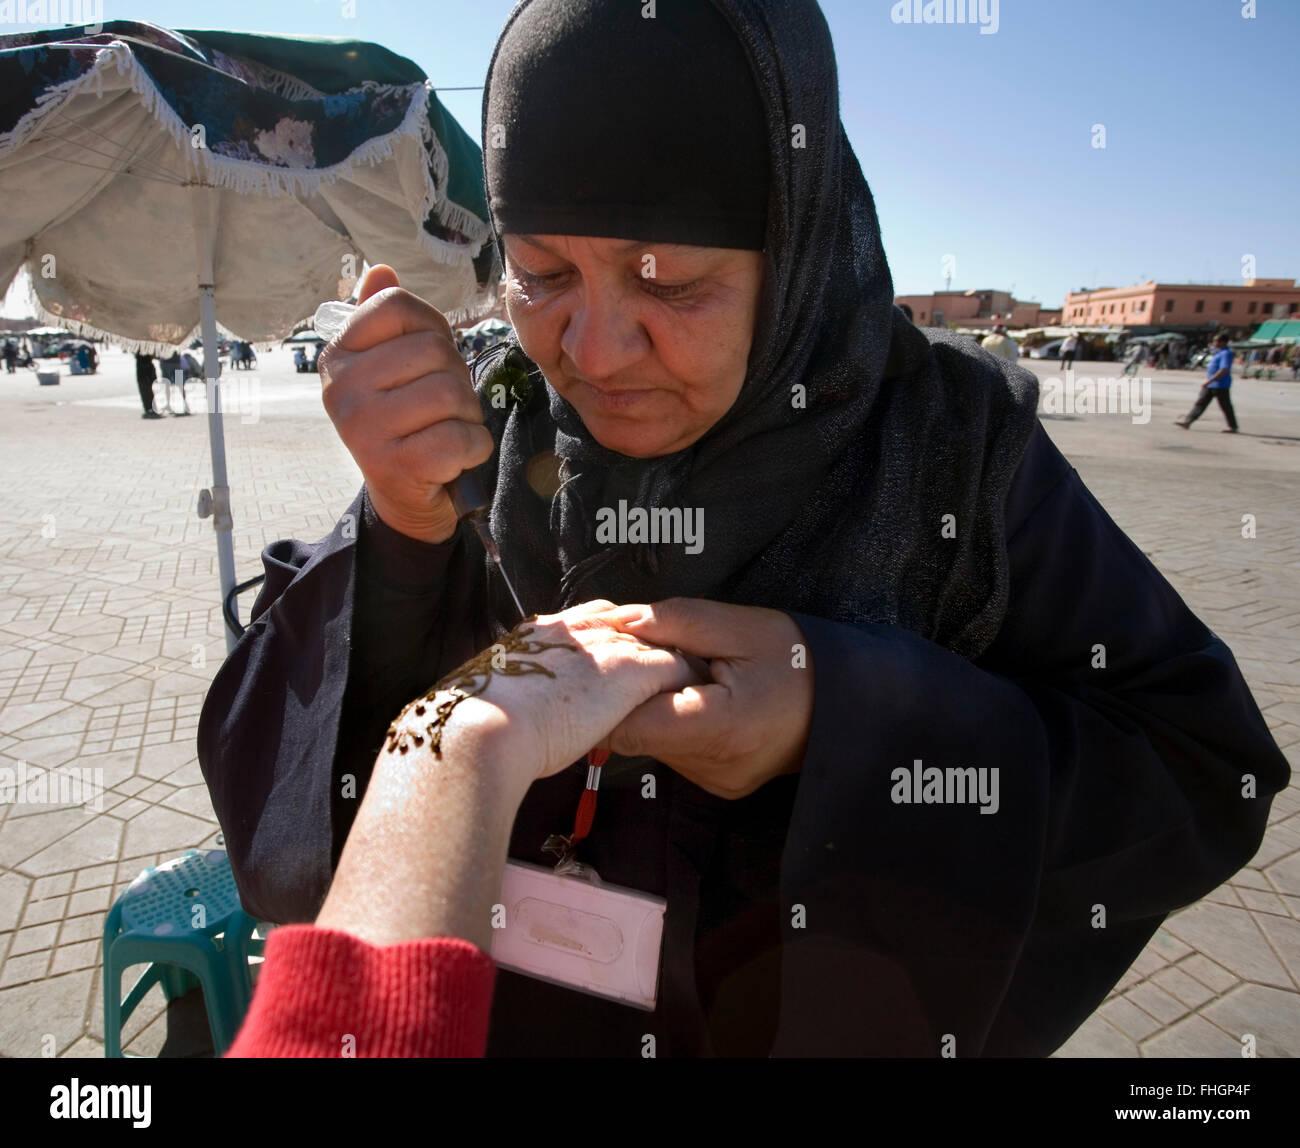 Avoir votre main décoré de colorant au henné dans le centre de Marrakech. La conception finale peut Photo Stock